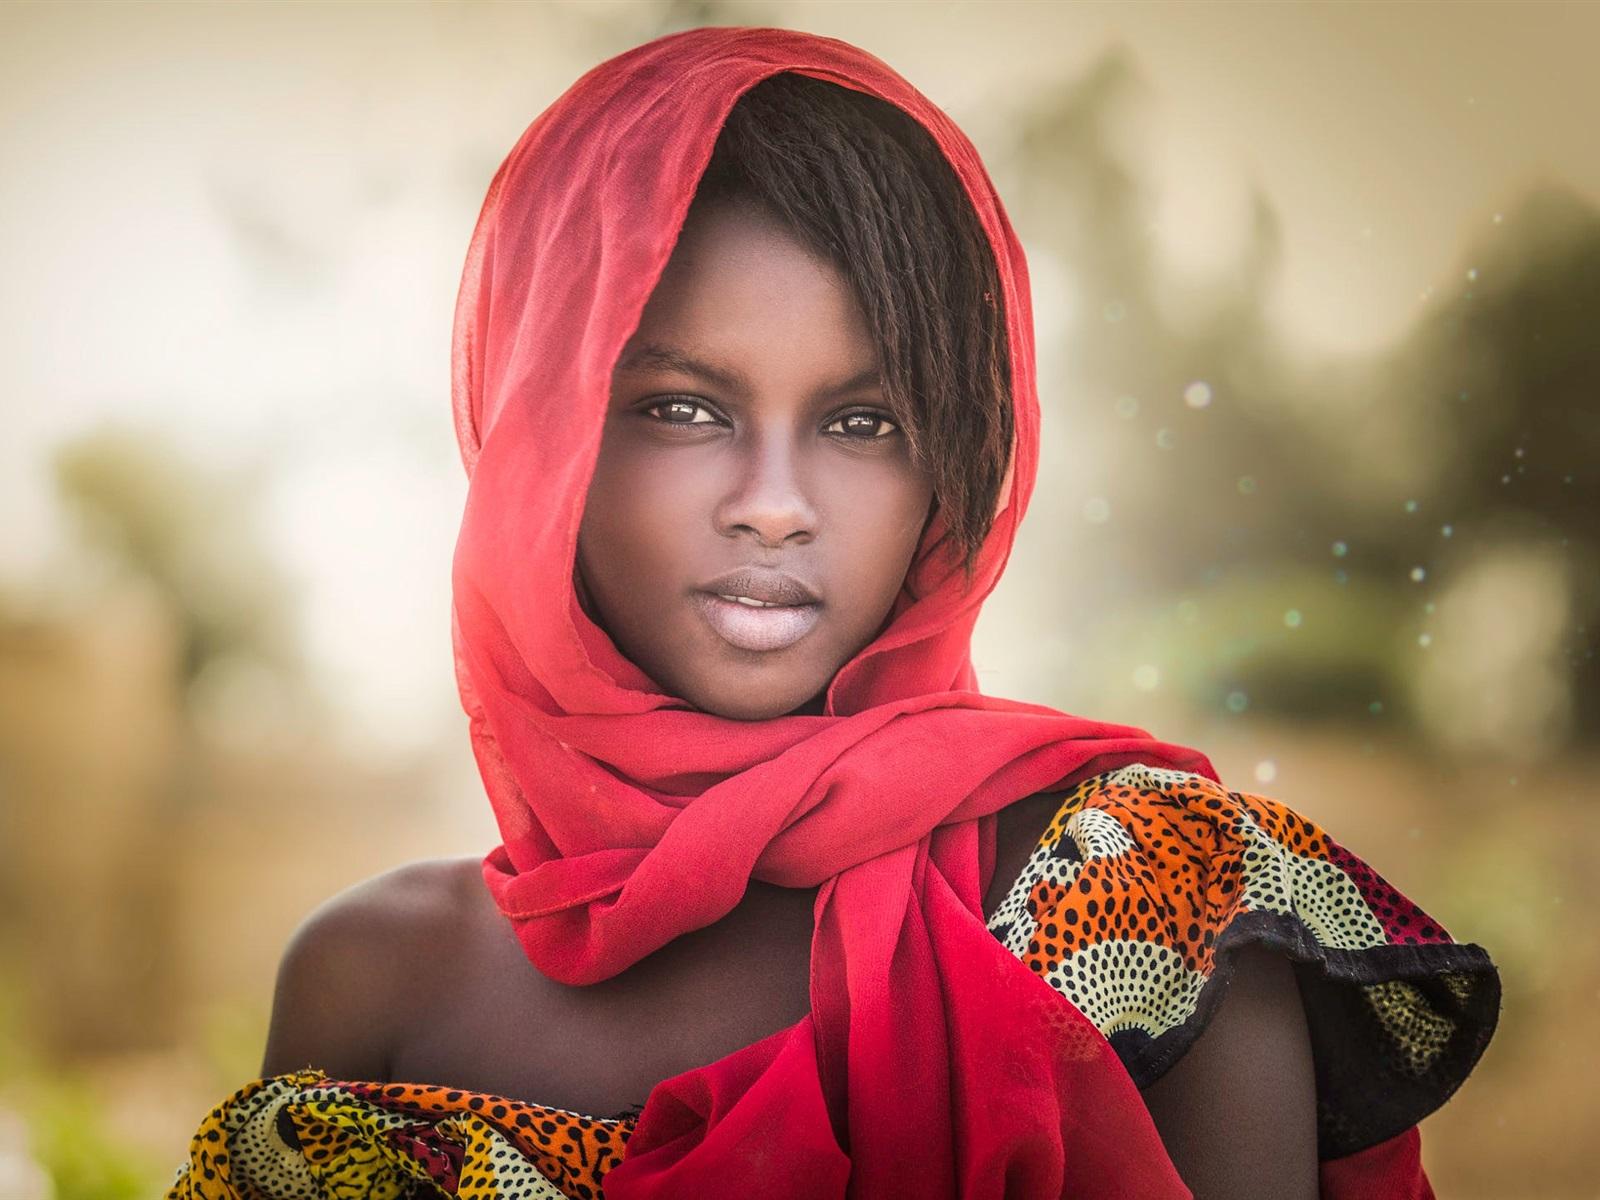 Красавицы девушки африки фото #9